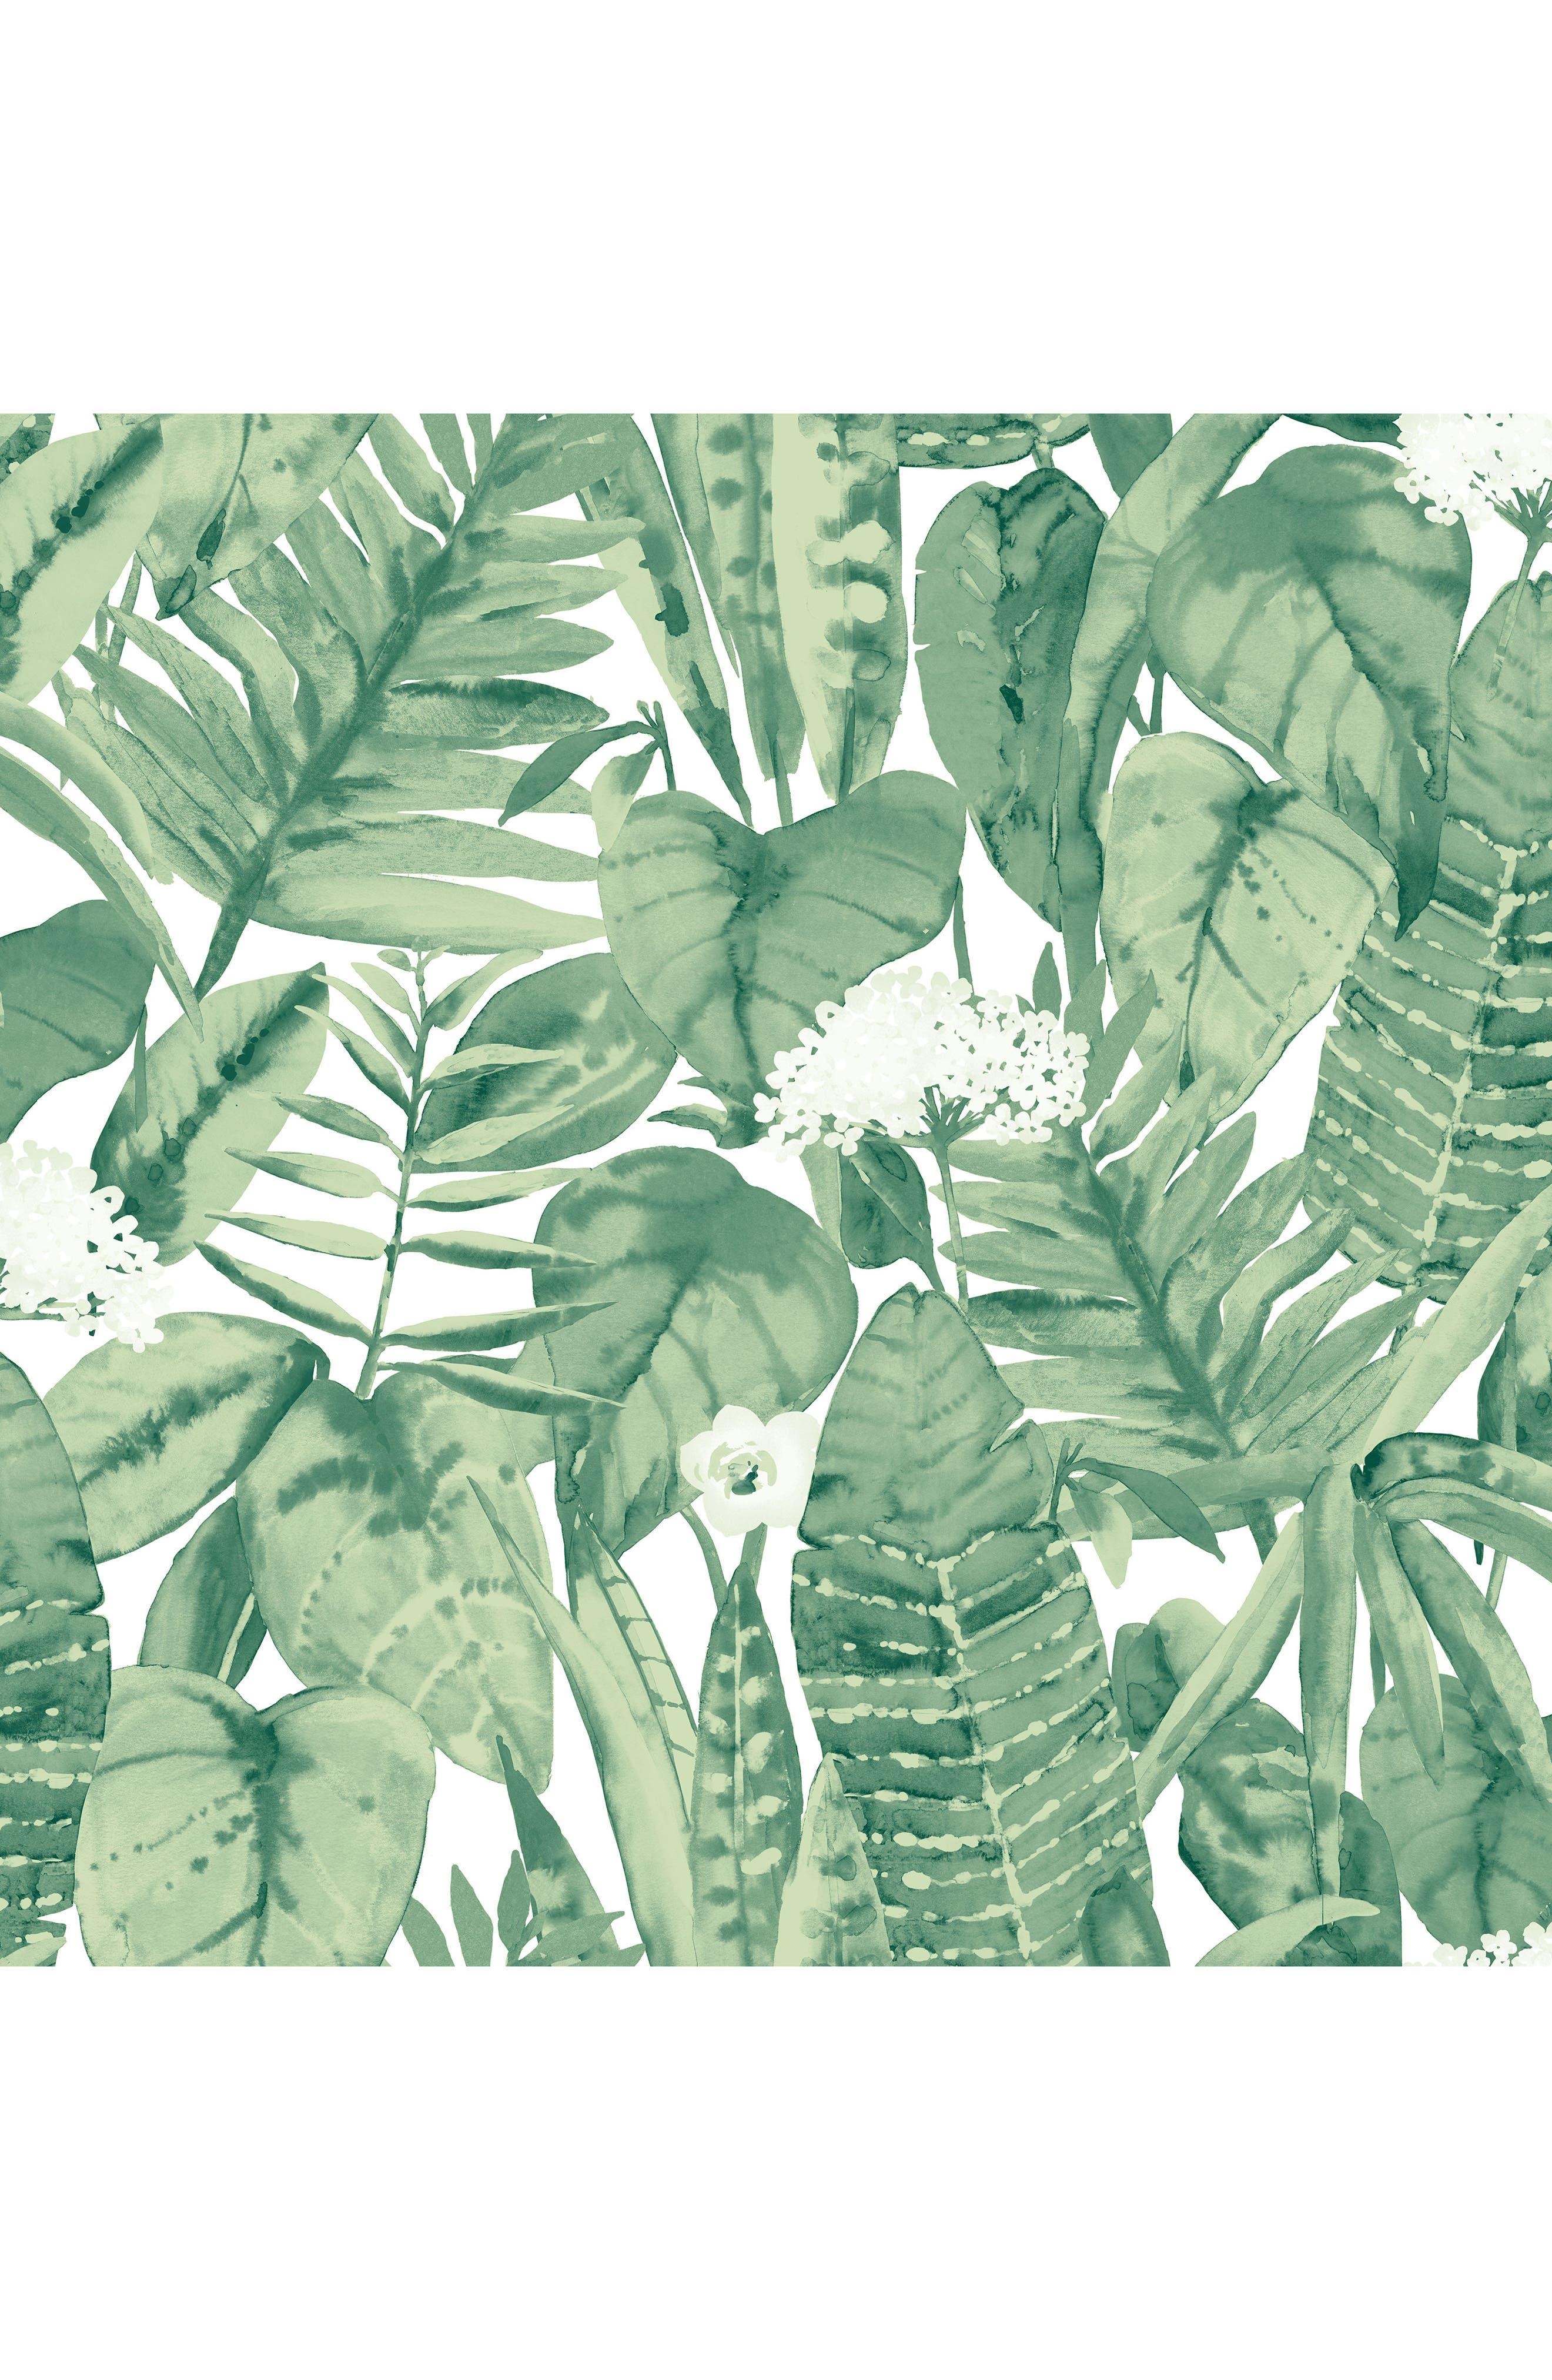 Alternate Image 1 Selected - Tempaper Tropical Self-Adhesive Vinyl Wallpaper